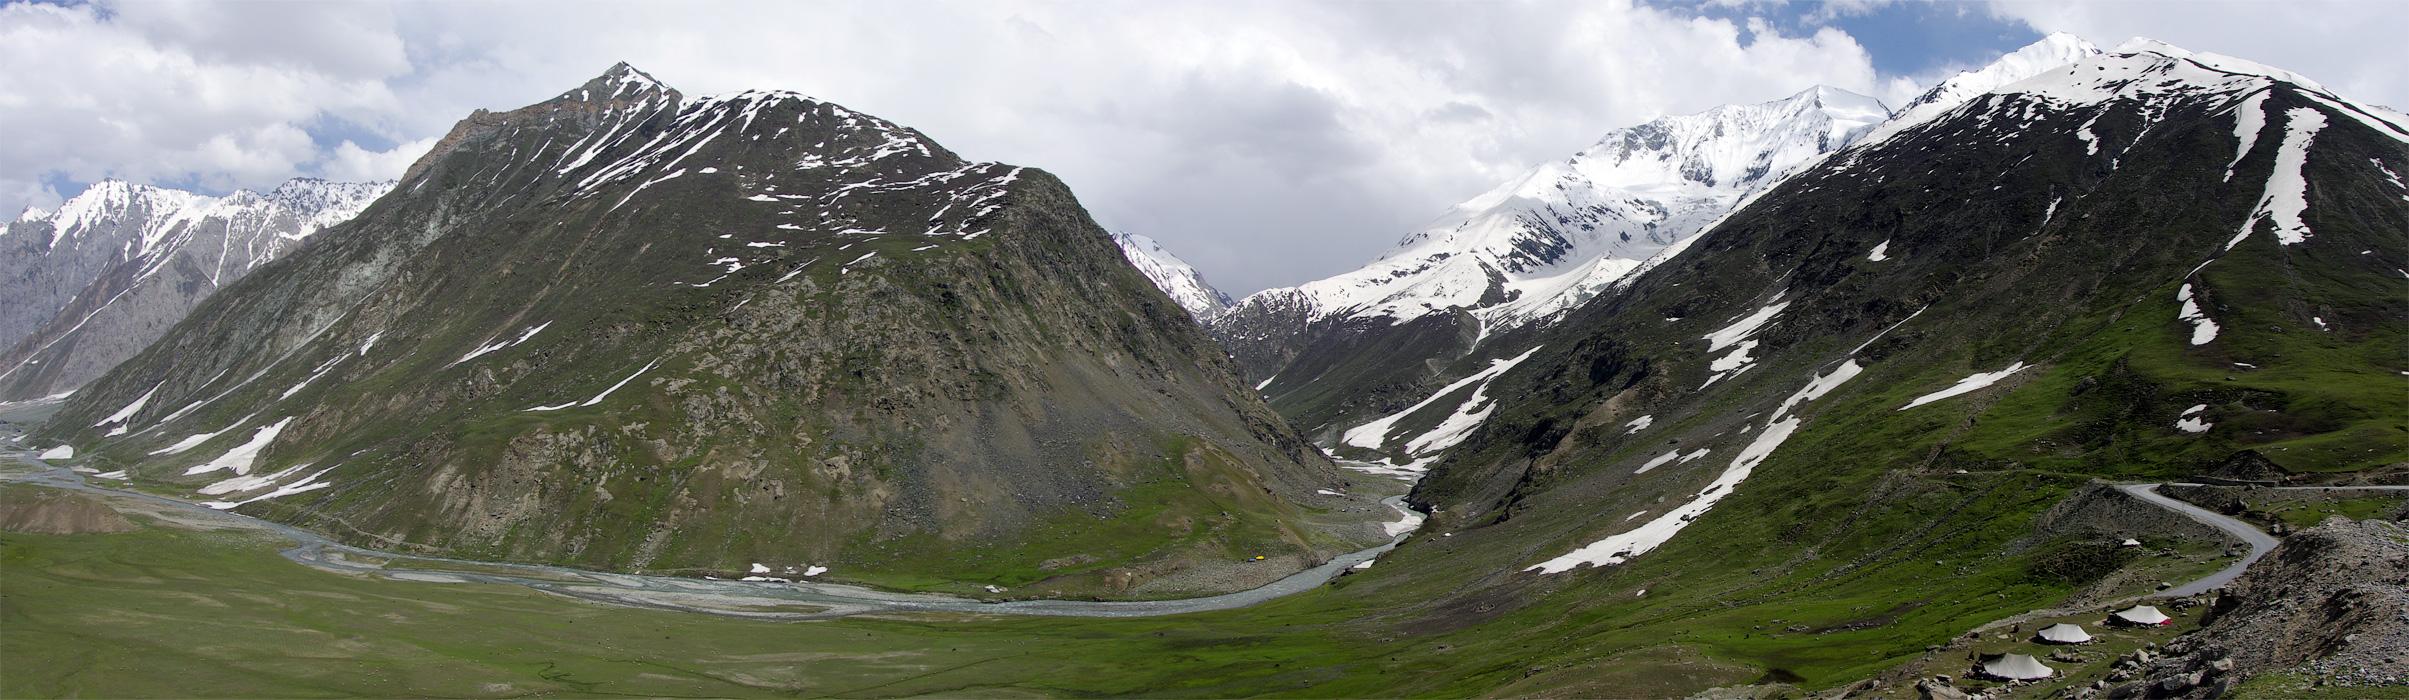 Перевал Зоджи Ла. Ладакх, Индия. Панорамы Гималаев